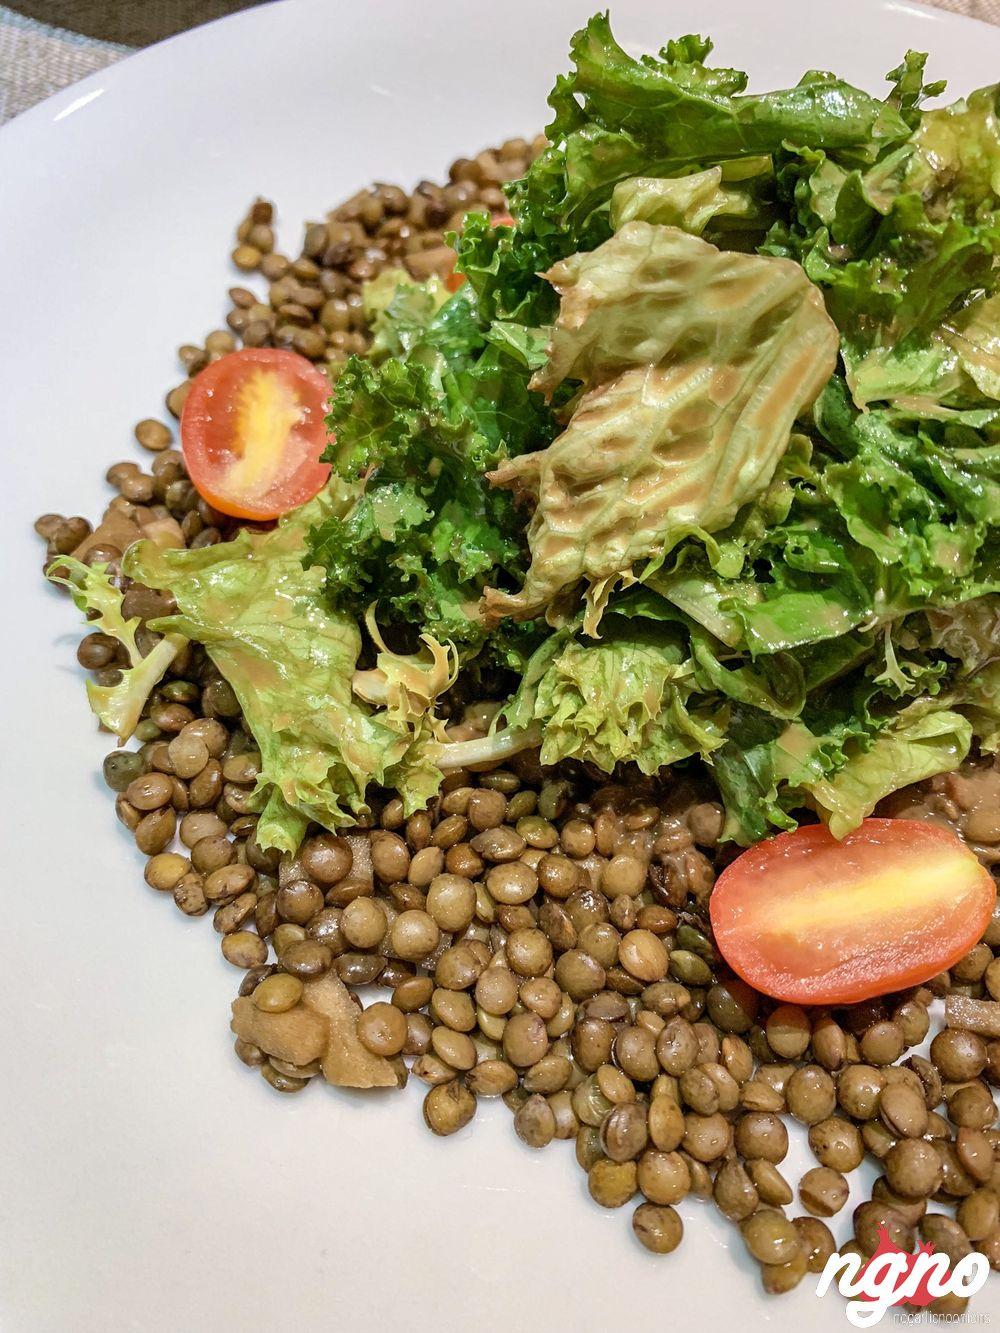 bistro-michel-achrafieh-restaurant-lebanon-nogarlicnoonions-862018-11-04-06-19-01